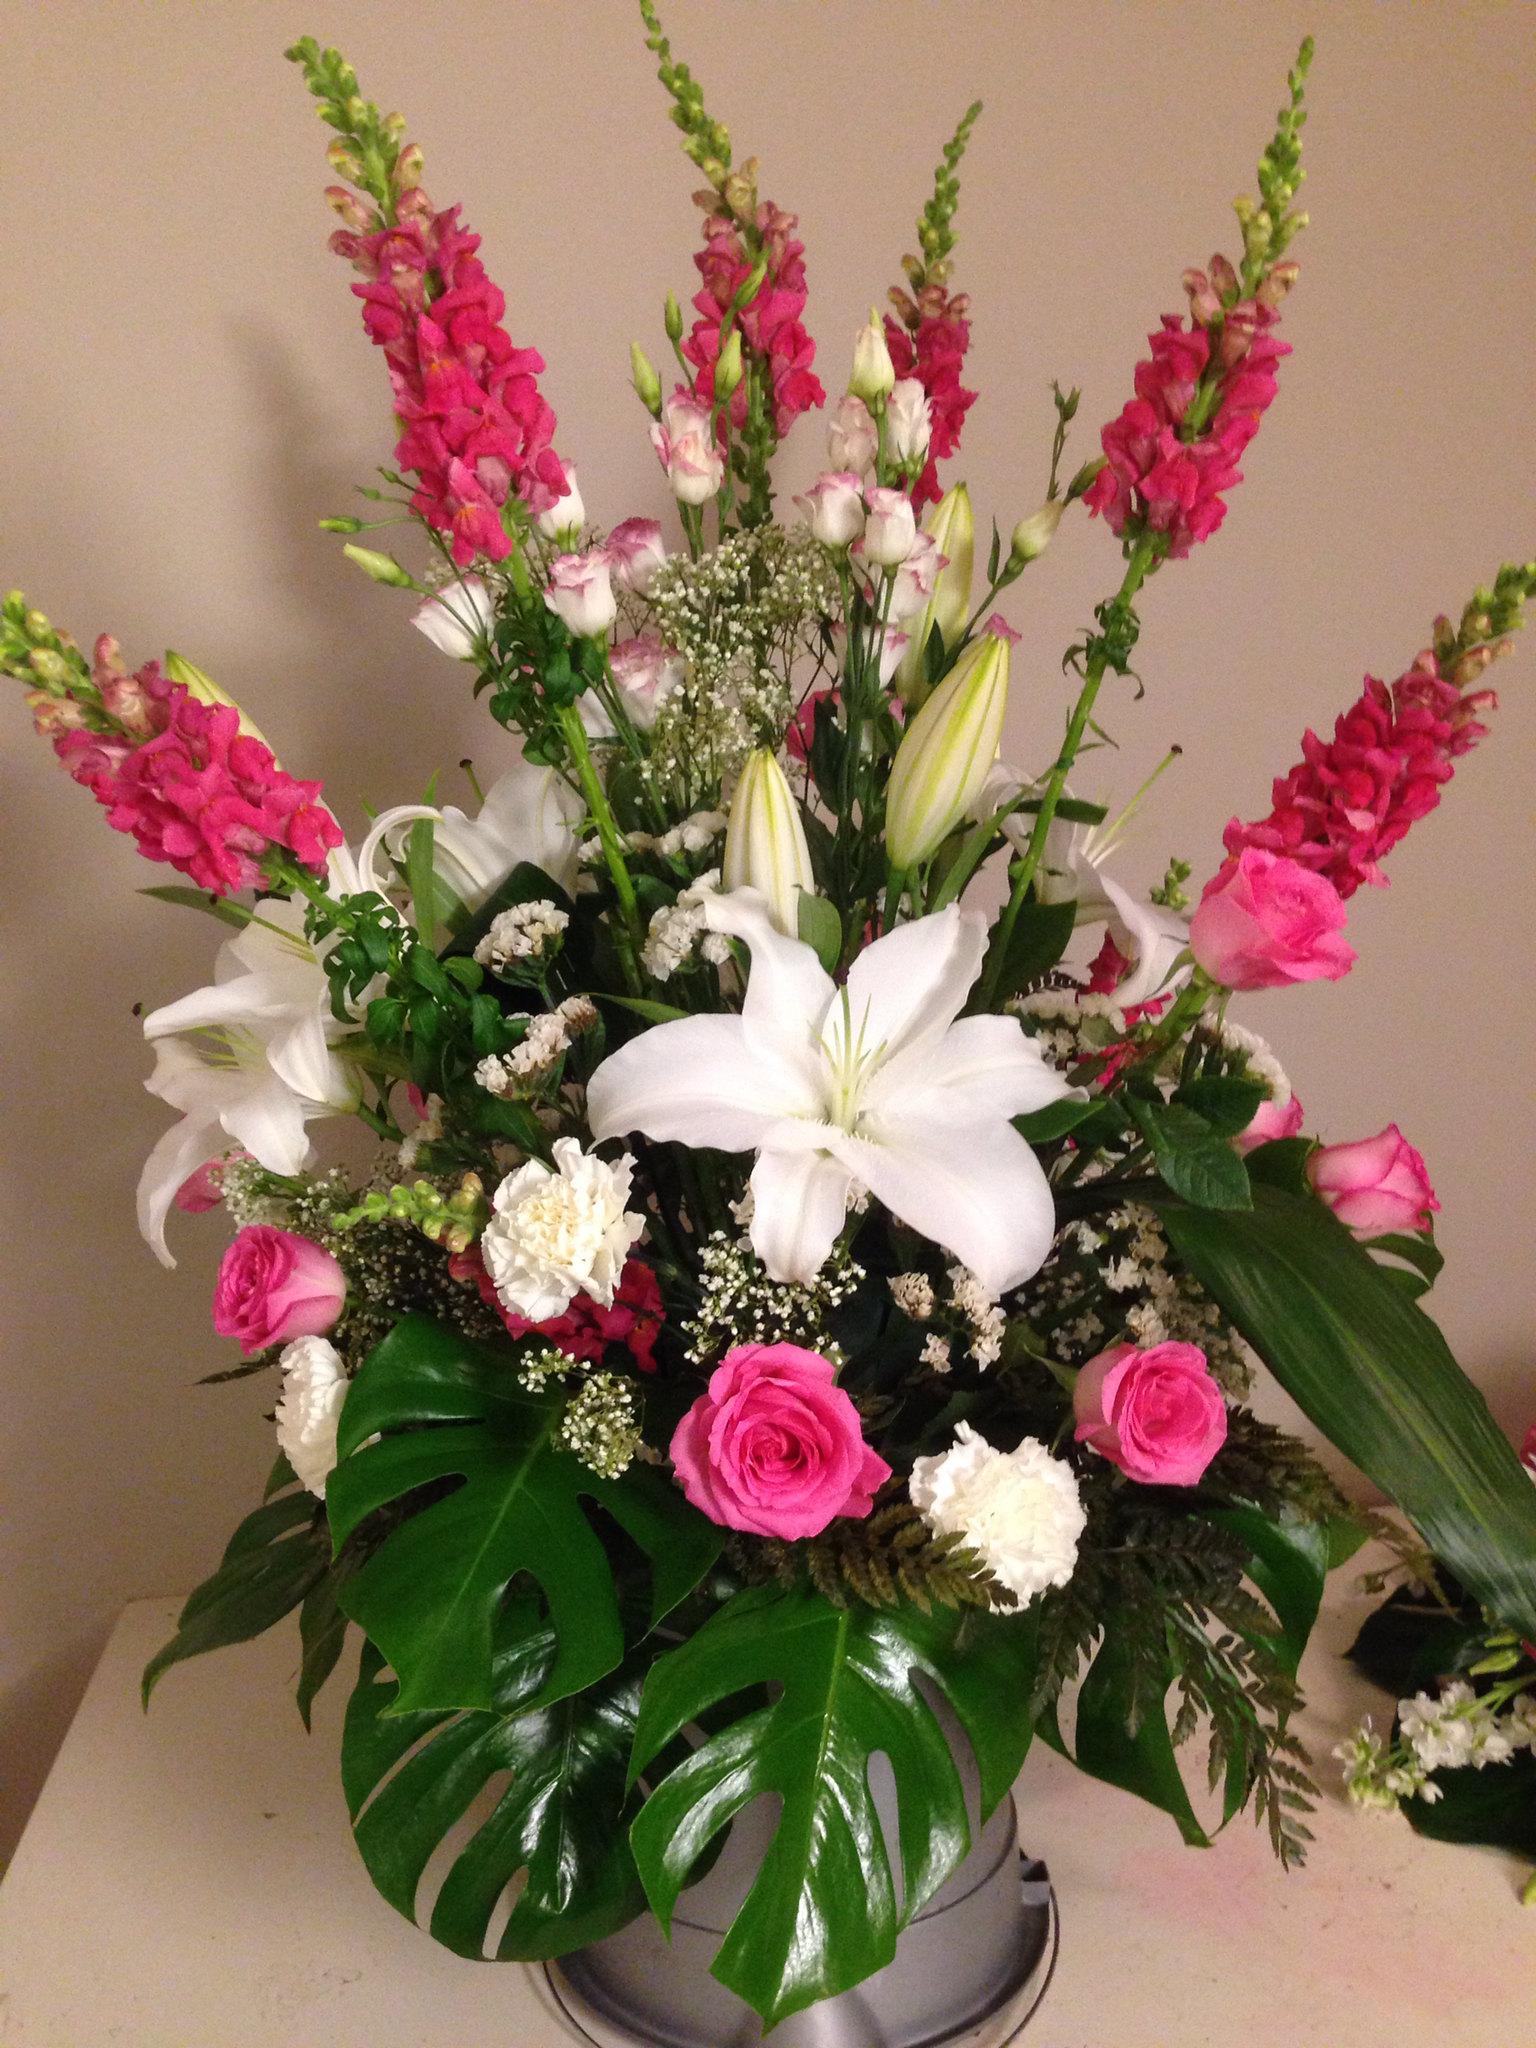 Farah florist C-P16.     $85-100 arrangement